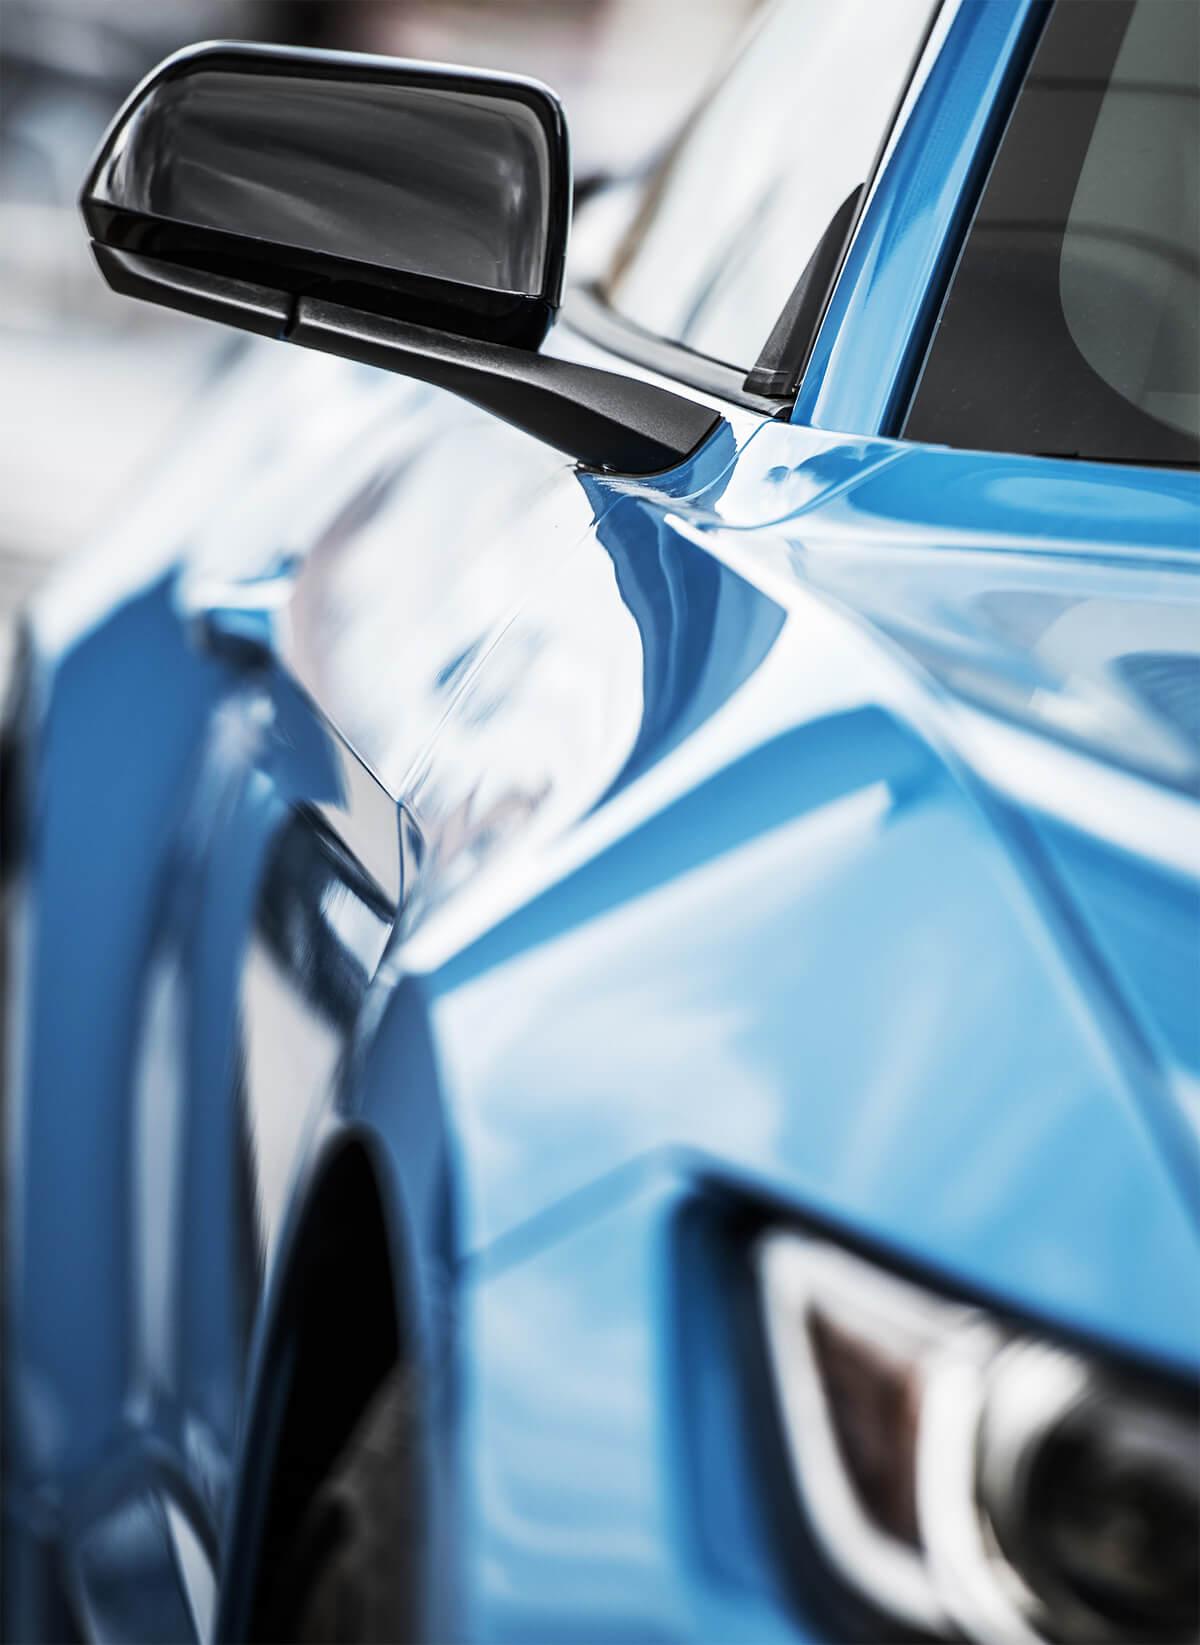 Ανταλλακτικά Αυτοκινήτων Online | Asparts.gr